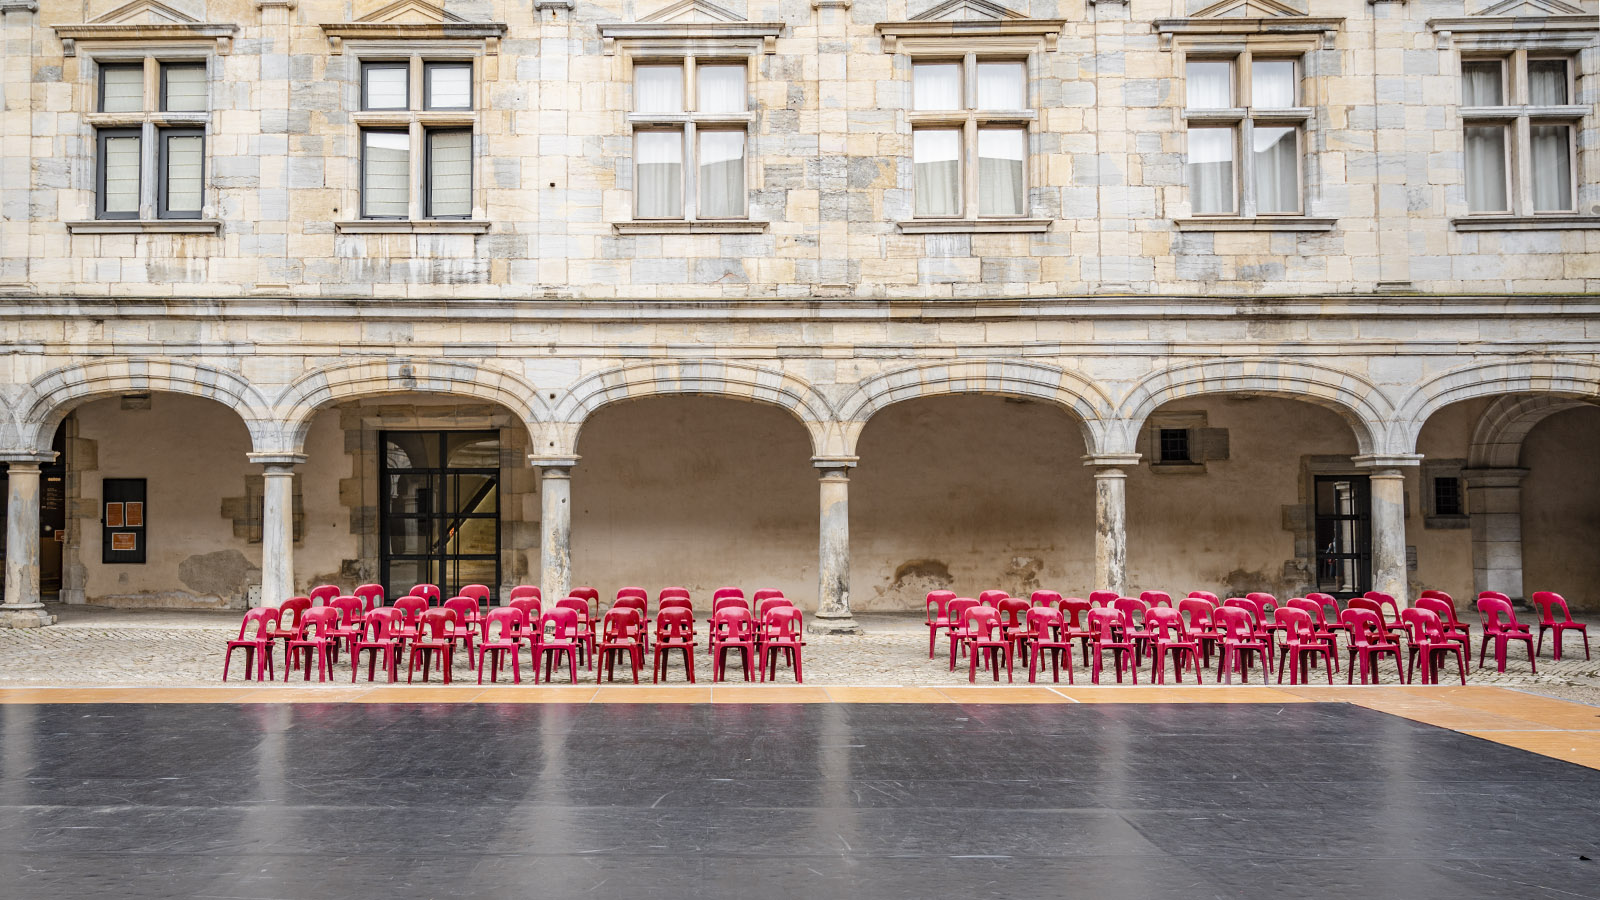 Im Sommer gastiert ein Tanzfestival im Innenhof des Palais Granvelle von Besançon. Foto: Hilke Maunder